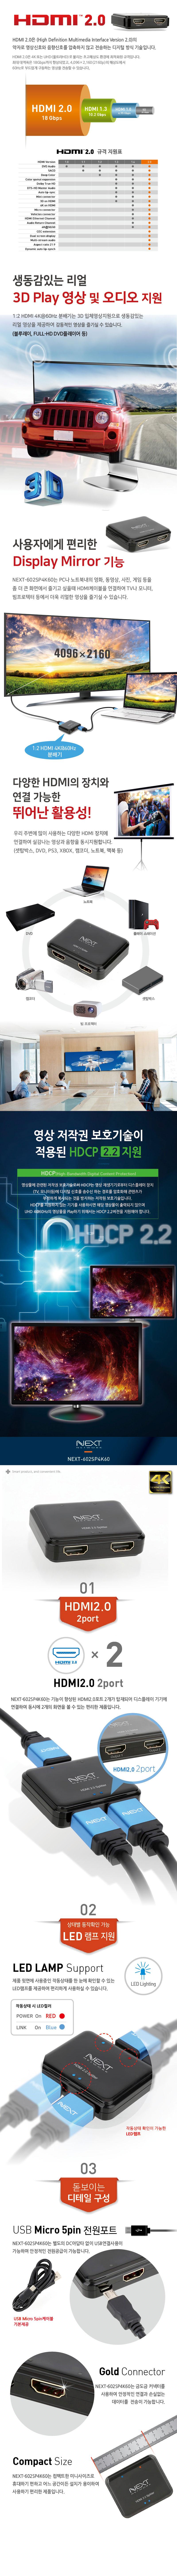 이지넷유비쿼터스 넥스트 1:2 HDMI 2.0 분배기 (NEXT-602SP4K60)